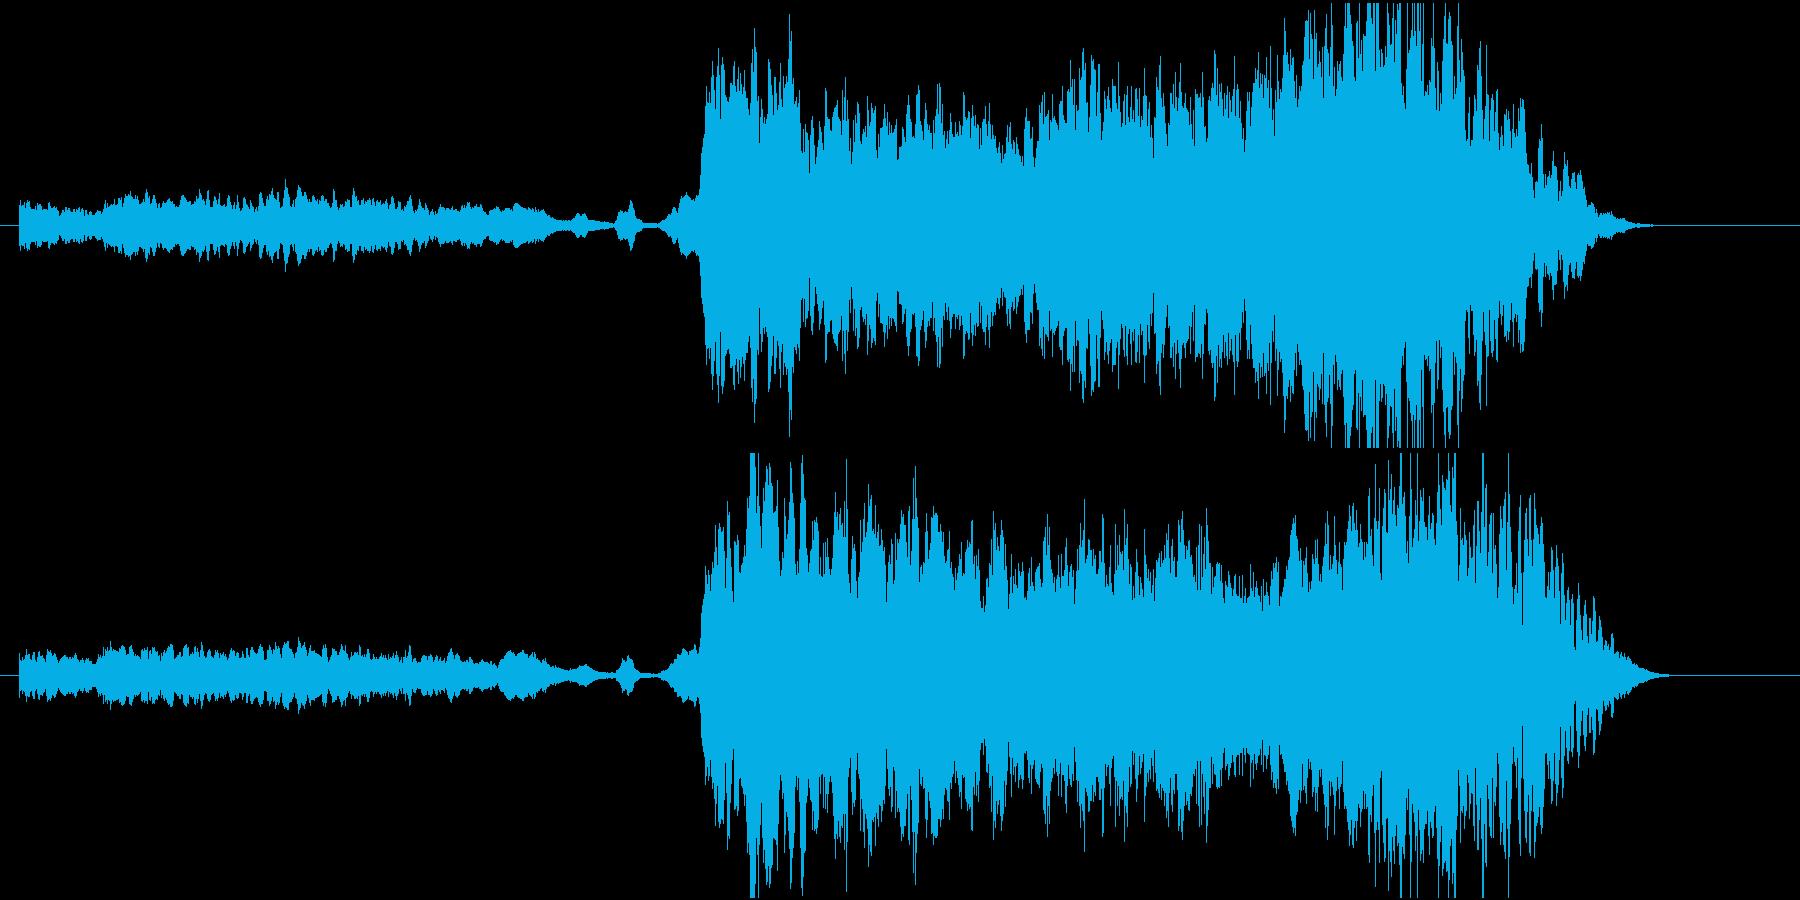 バイオリンの音の場面転換用楽曲01の再生済みの波形